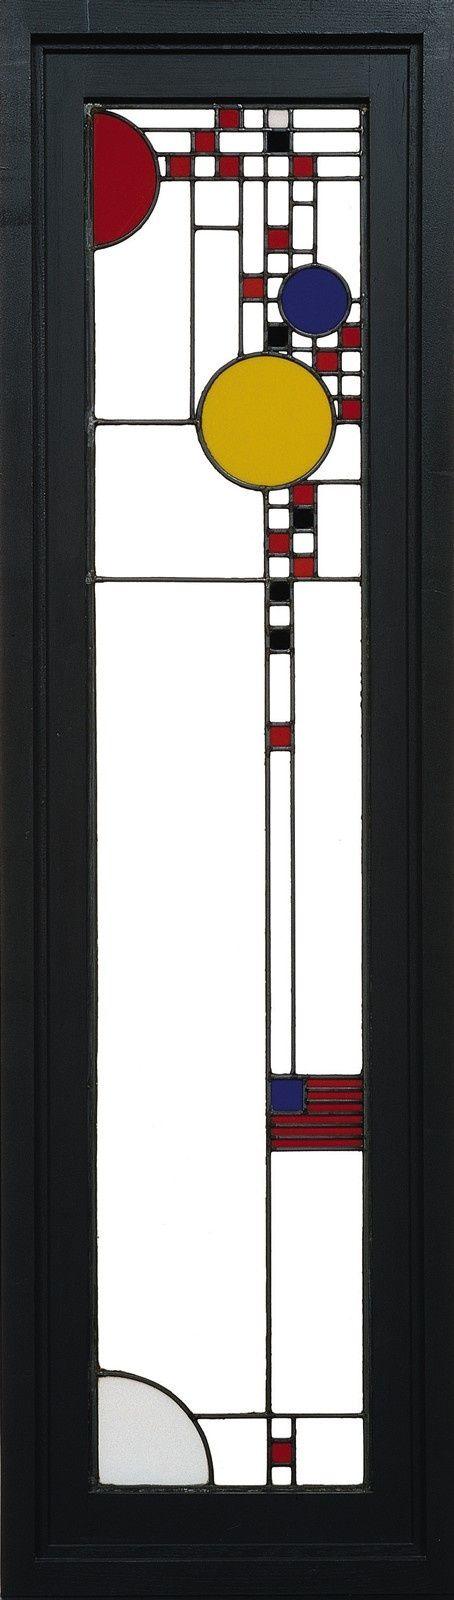 die besten 25 schrank spielhaus ideen auf pinterest unter der treppe spielzimmer kleines. Black Bedroom Furniture Sets. Home Design Ideas